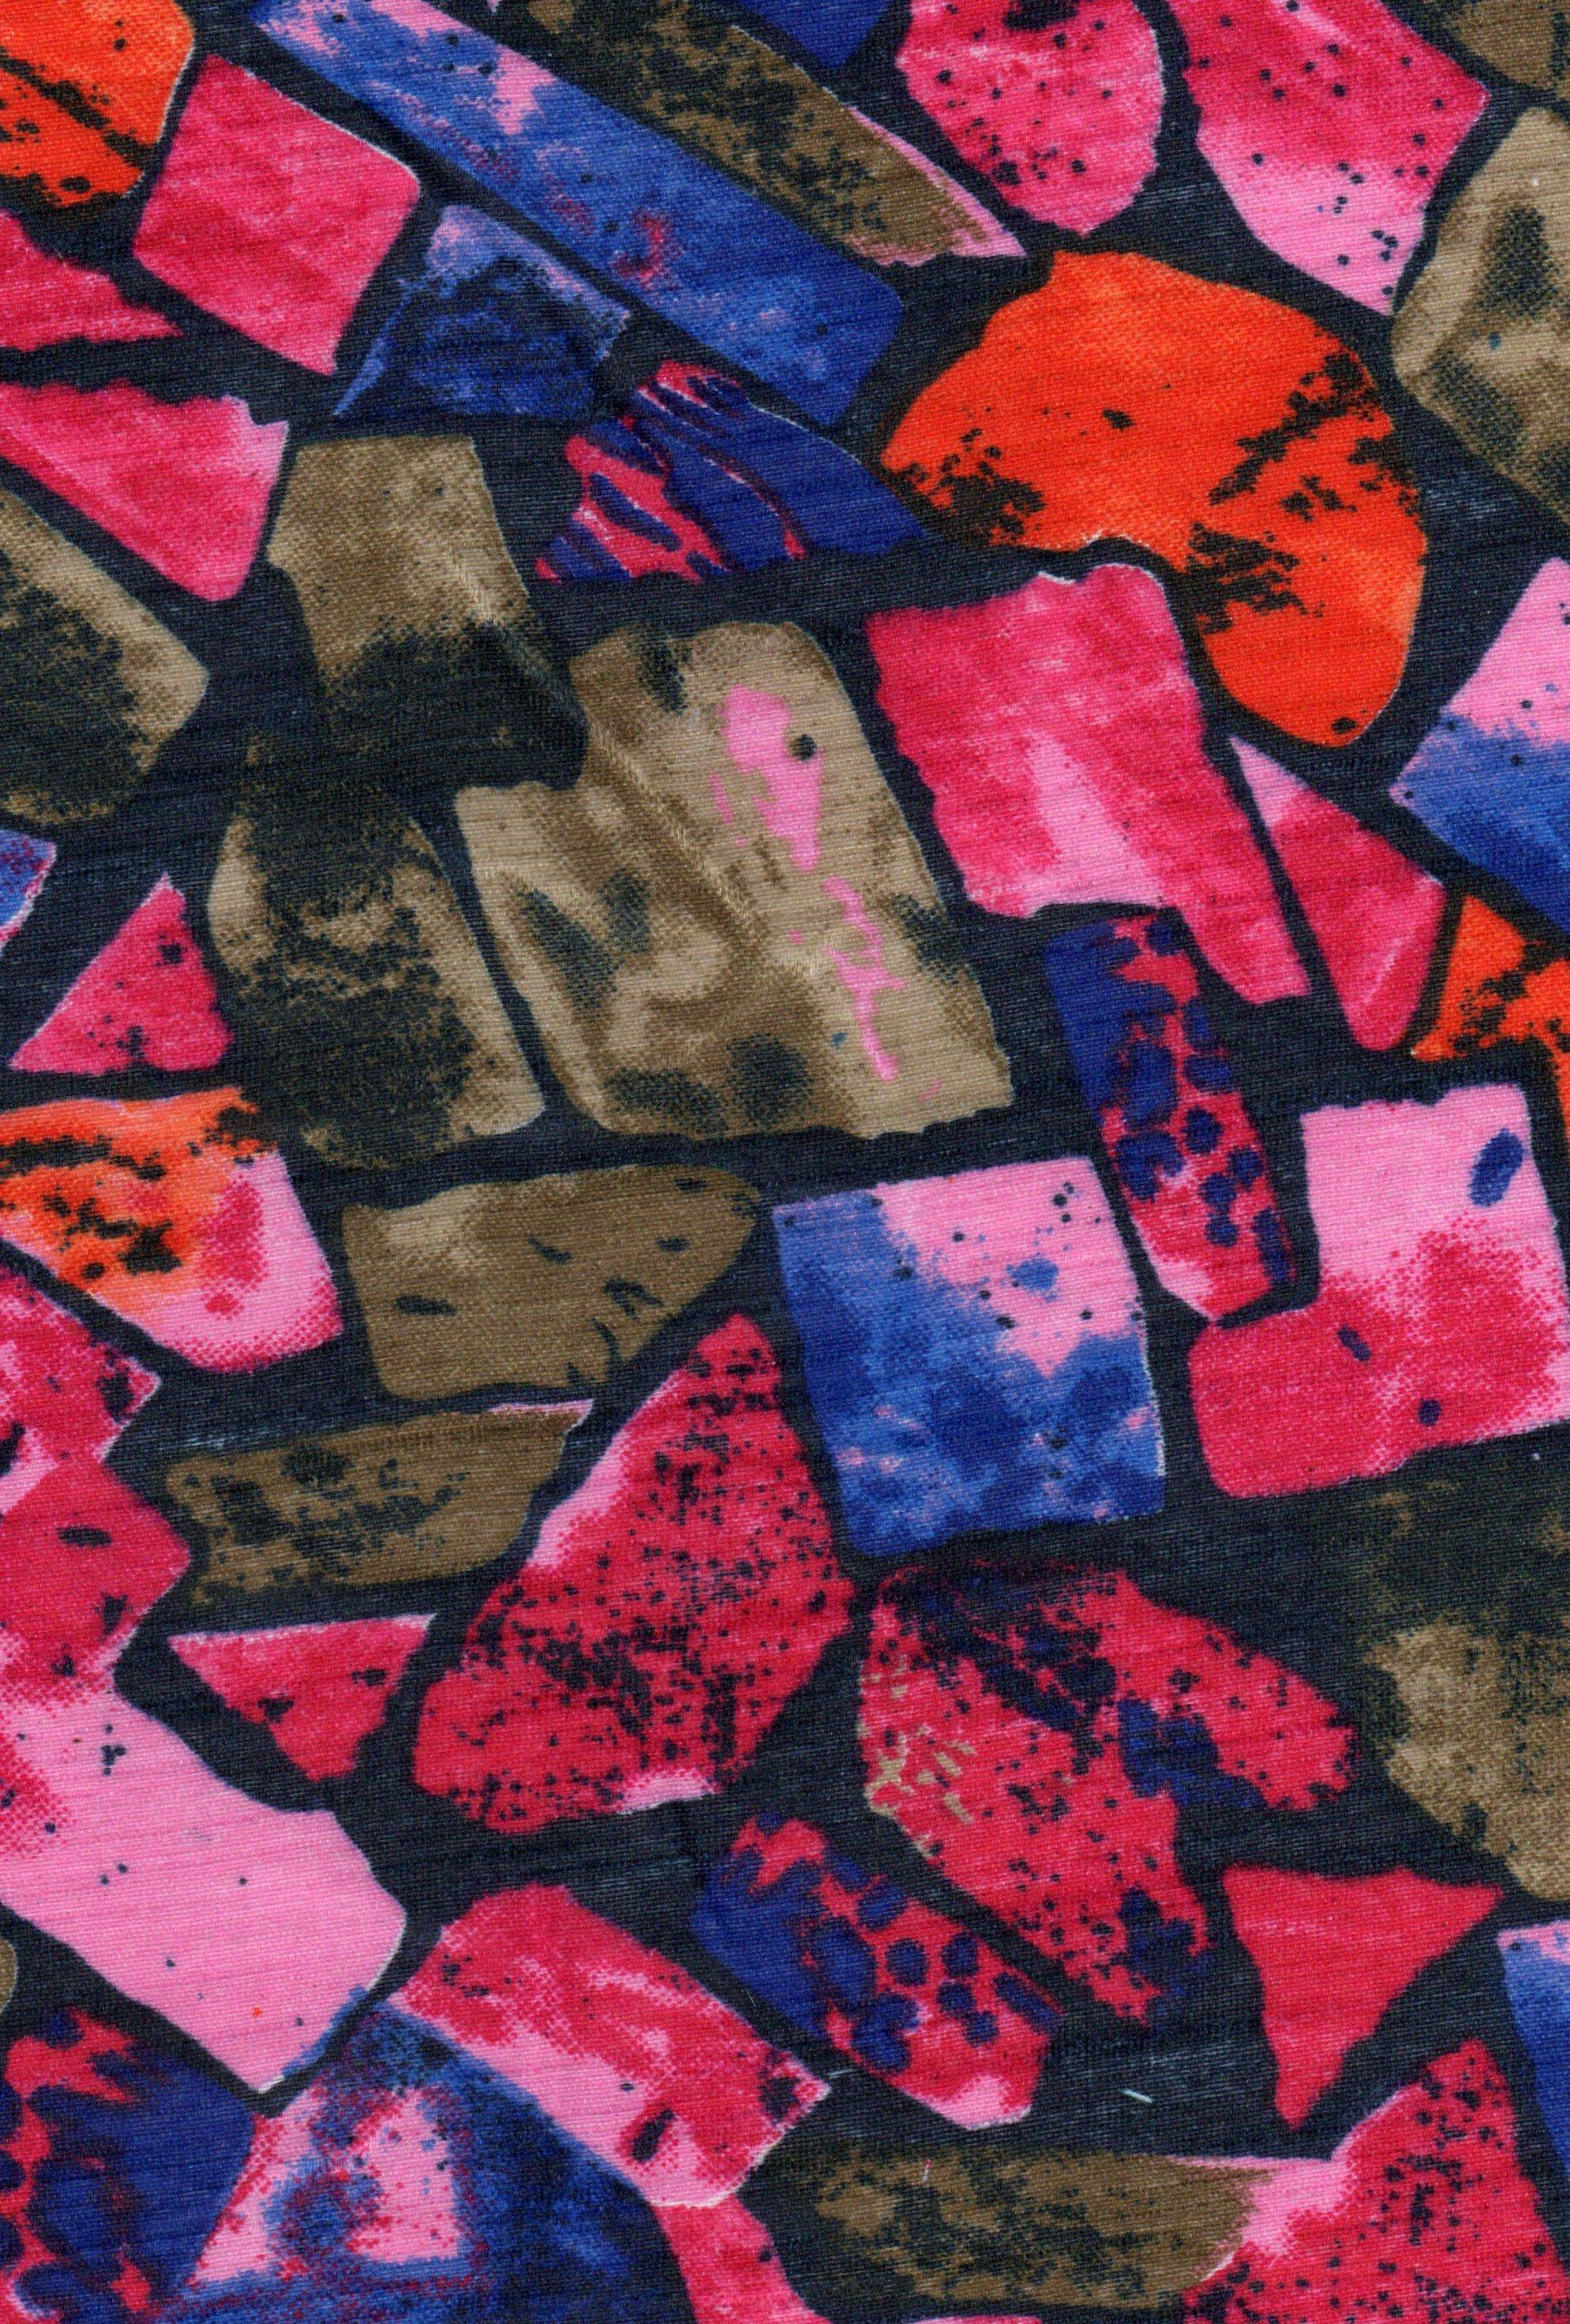 Banglori satin print fabrics